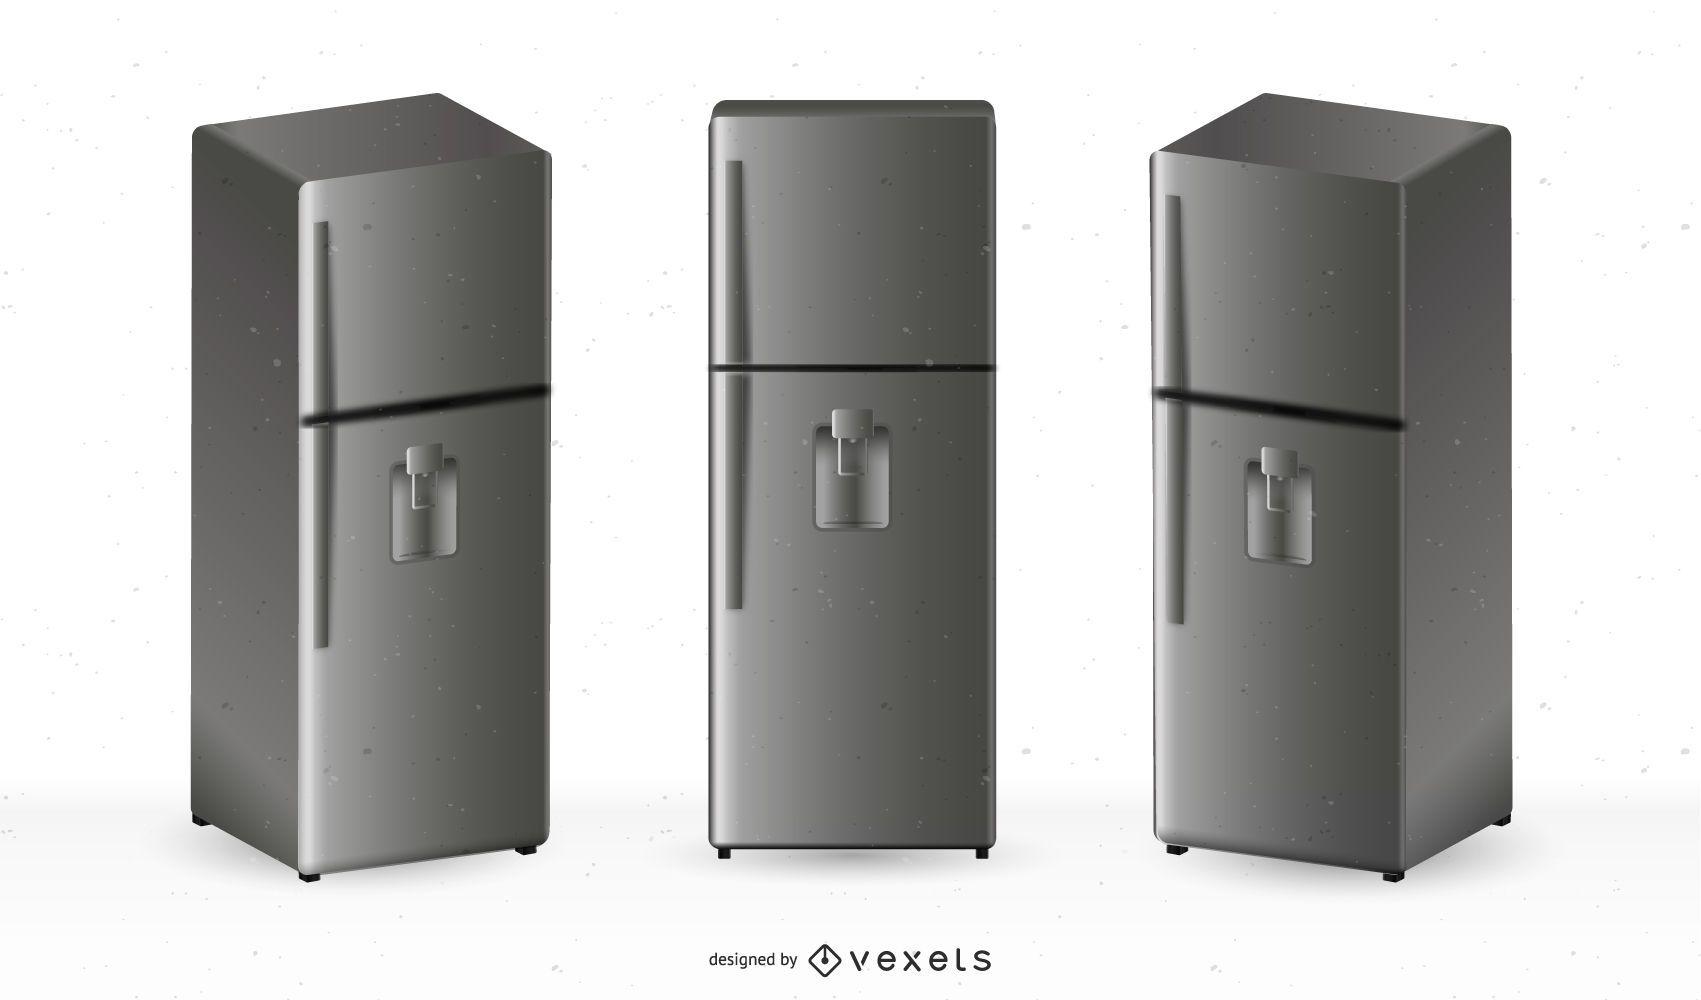 Ilustración libre de refrigeradores vectoriales